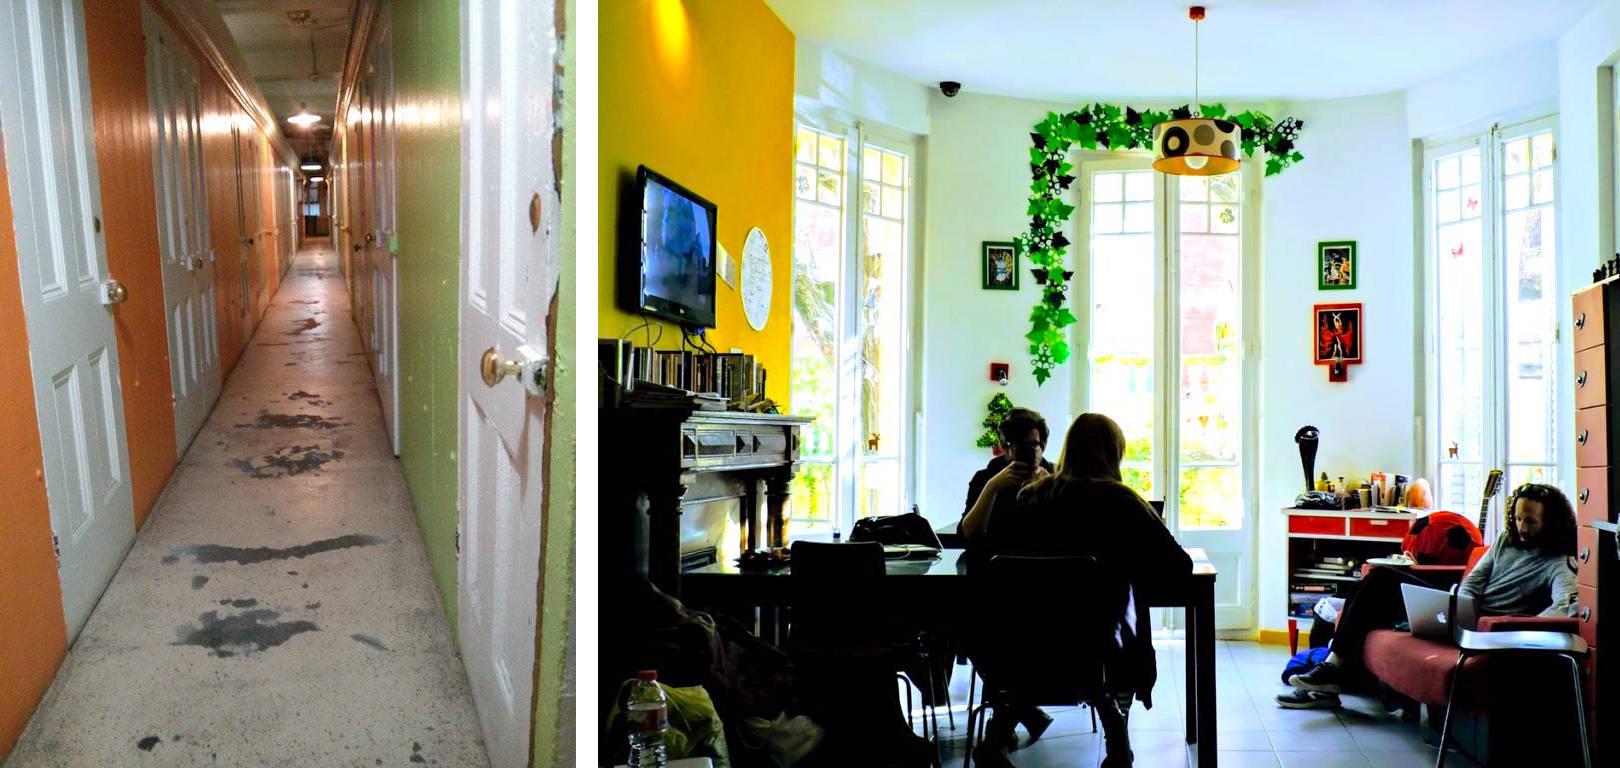 Il confronto tra ostelli: a sinistra un corridoio vecchio stile, a destra un ambiente comune moderno